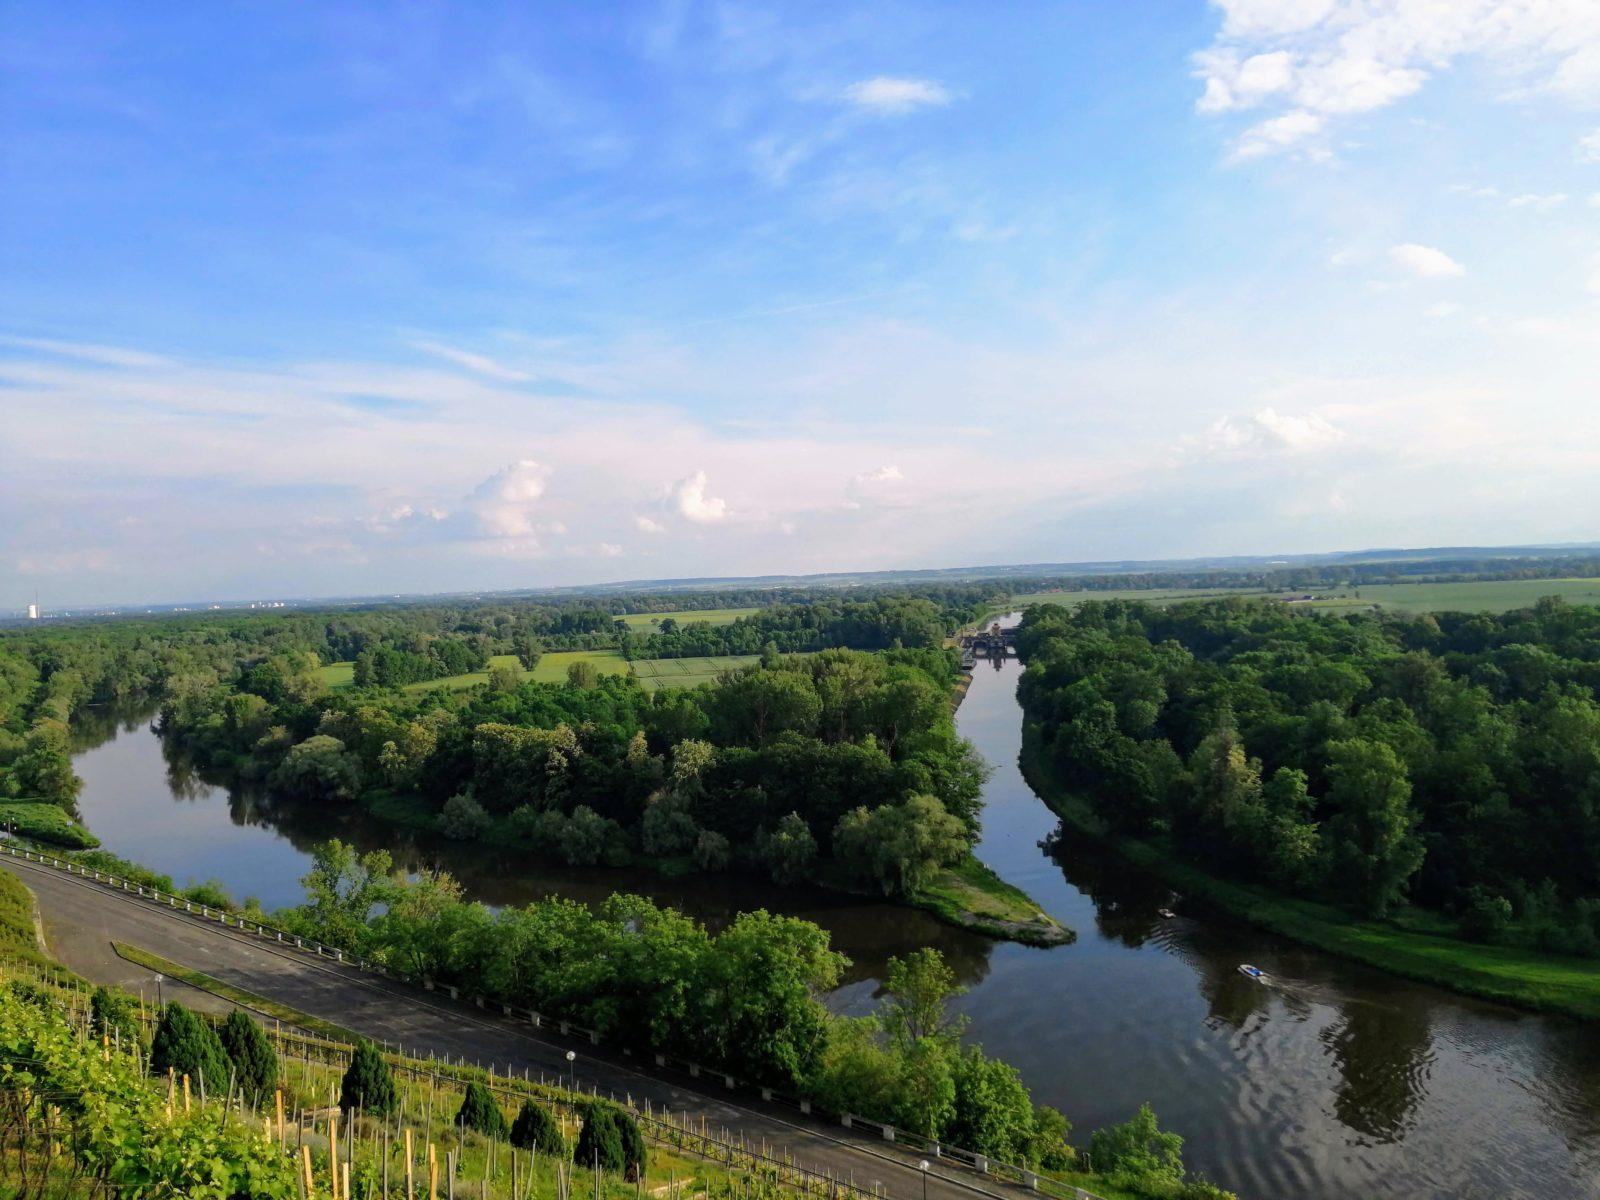 Links der Emporkömmling, rechts der wahre Strom. Die Moldau.